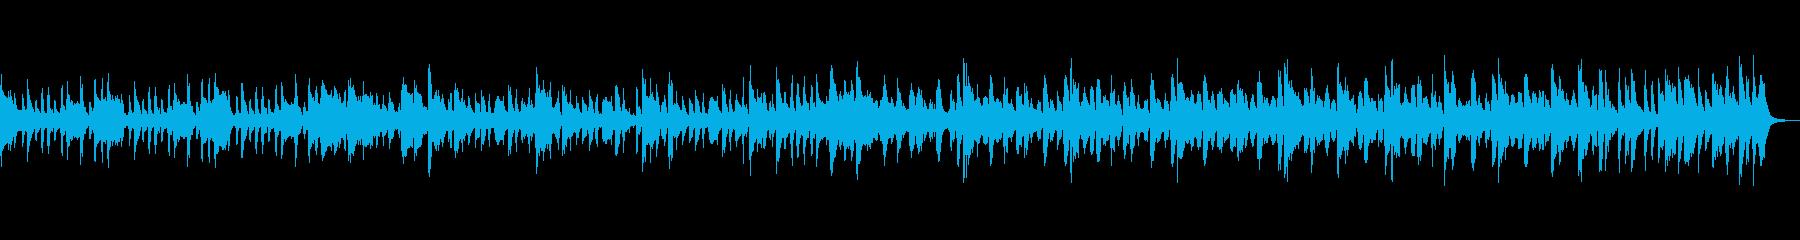 シェイク・ストロング、パンシーの再生済みの波形